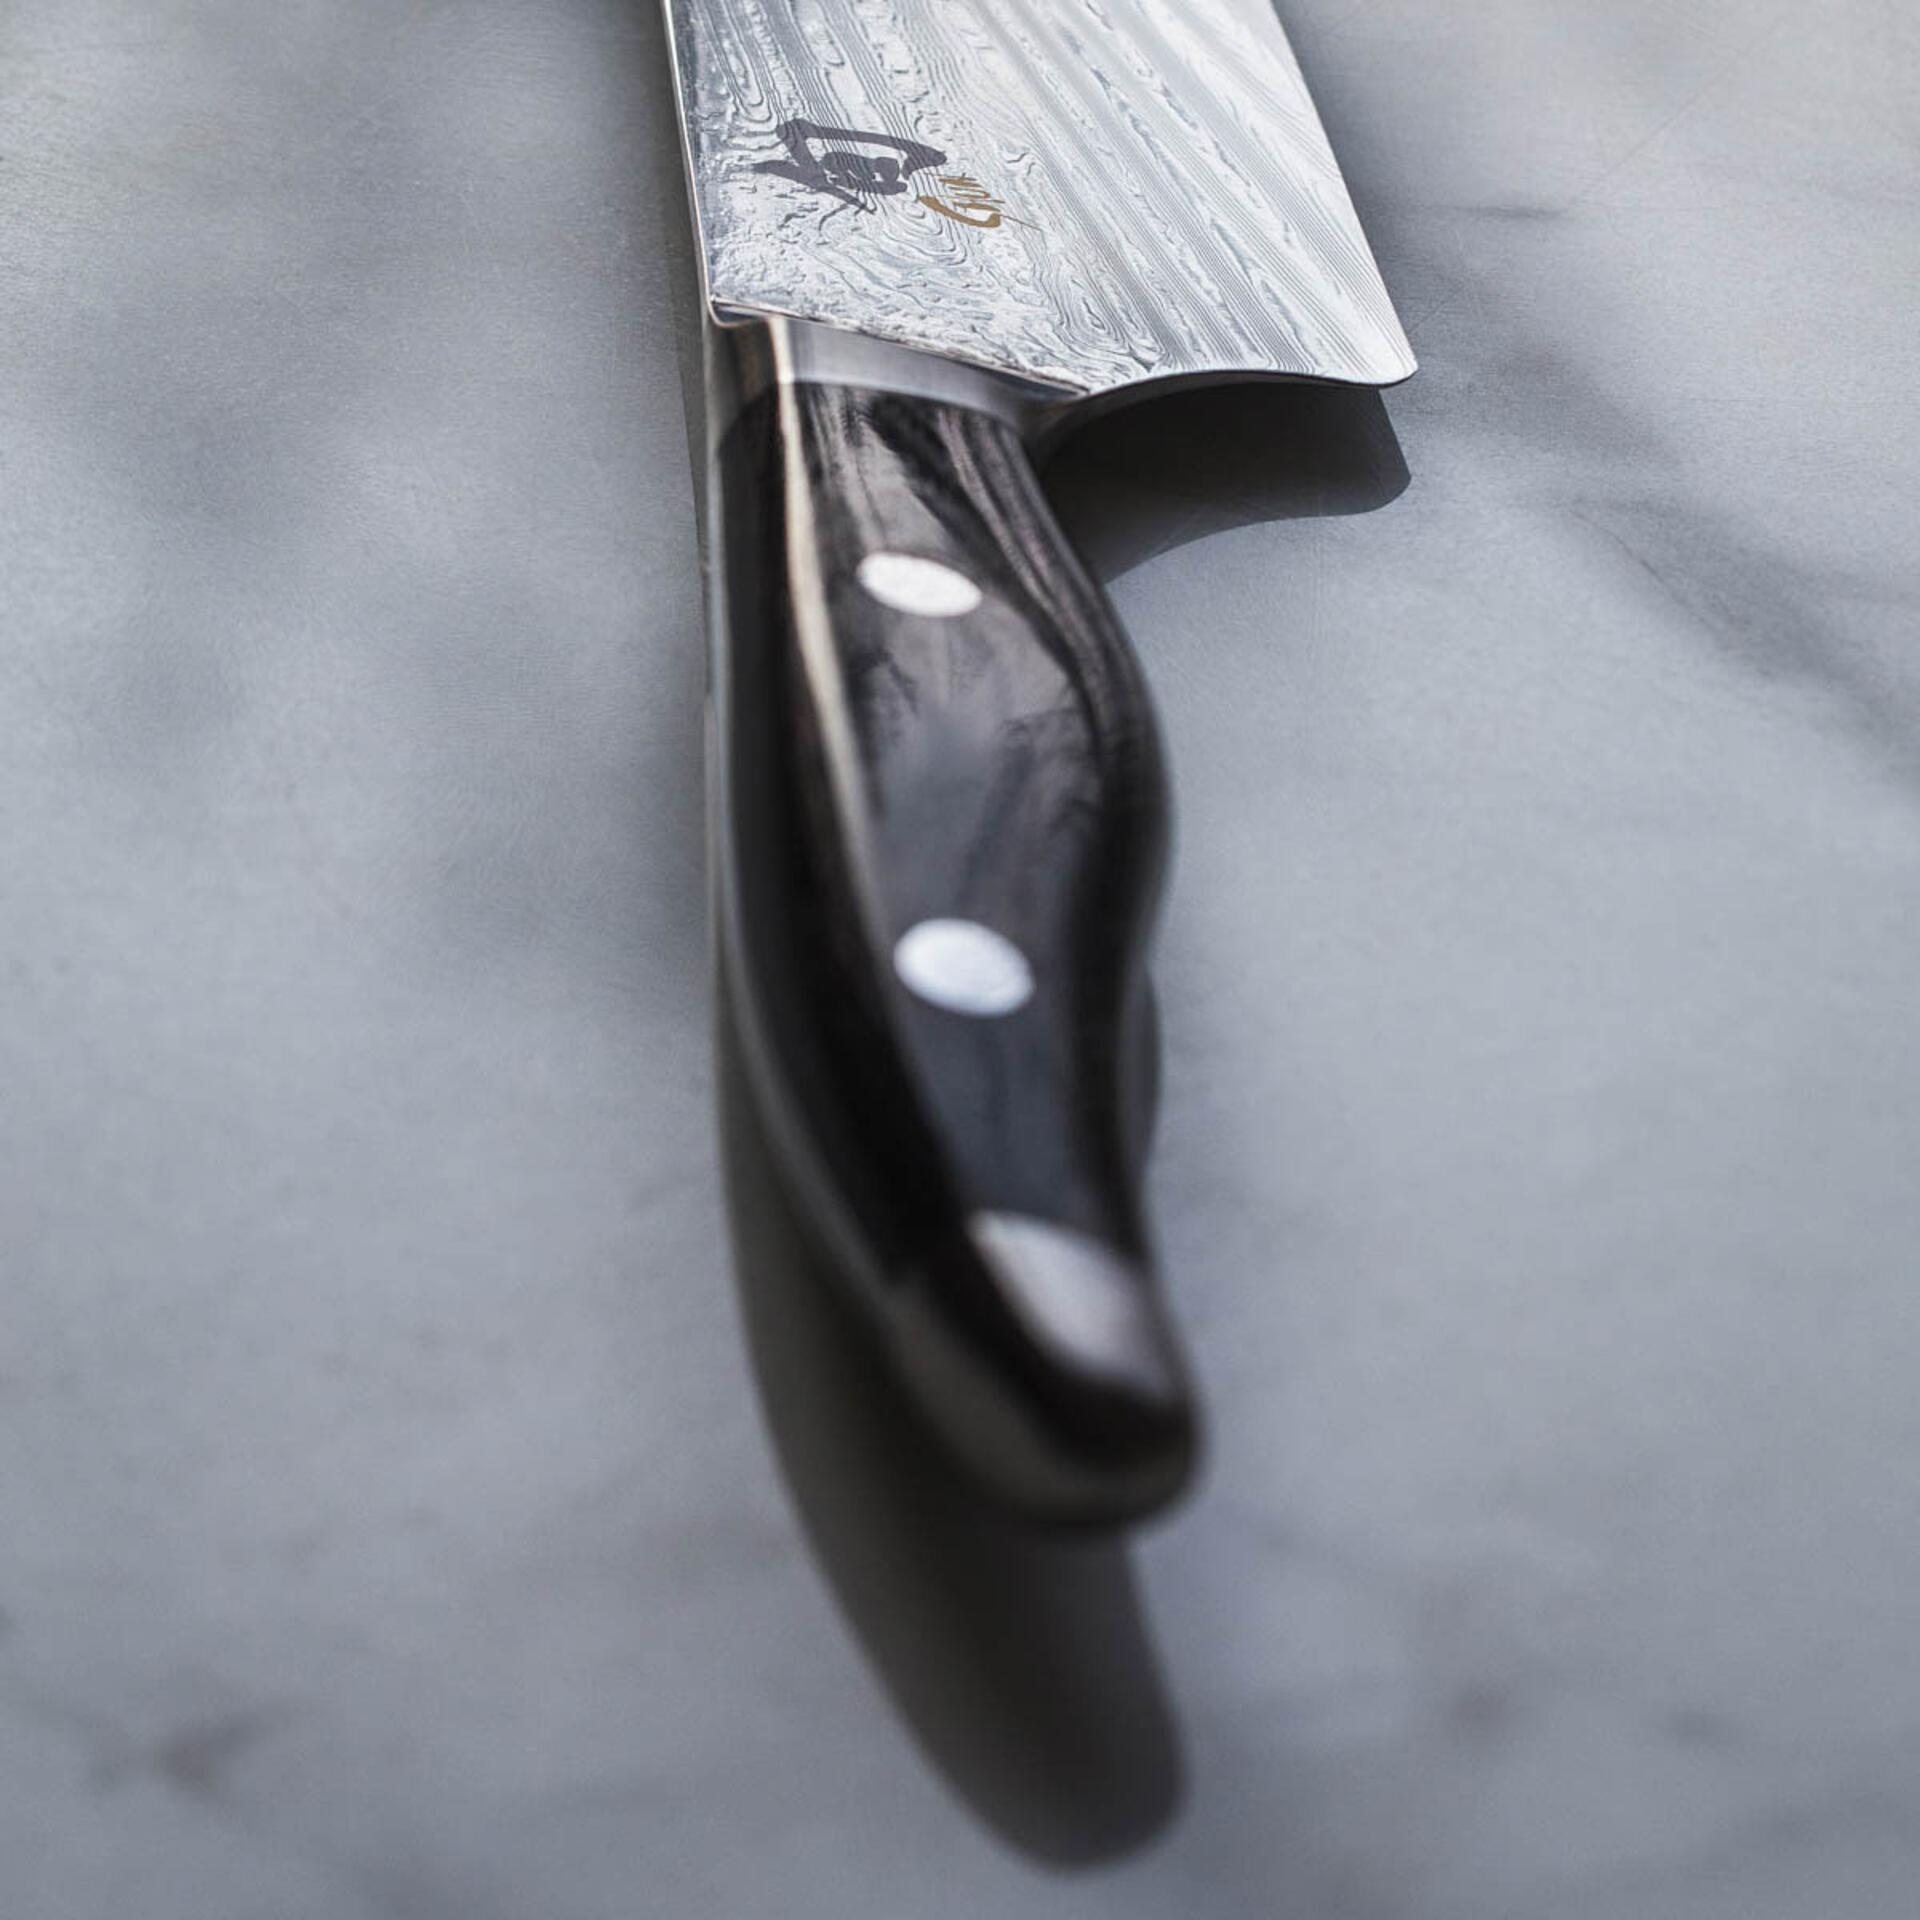 KAI Shun Nagare Schinkenmesser 23 cm NDC-0704